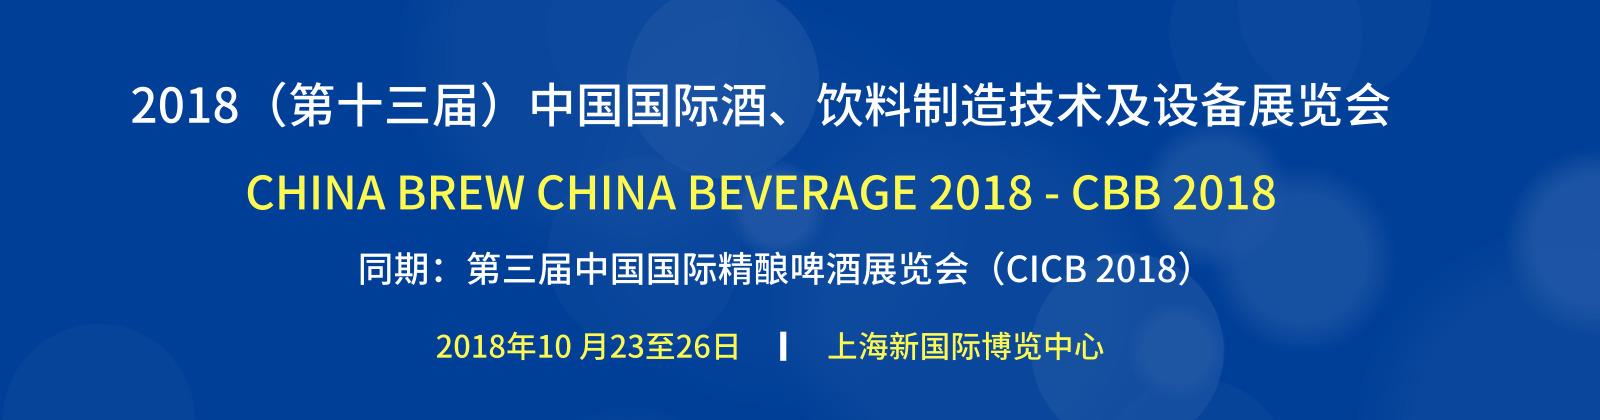 2018(第十三届)中国国际@酒、饮料制造技术及设备展览会